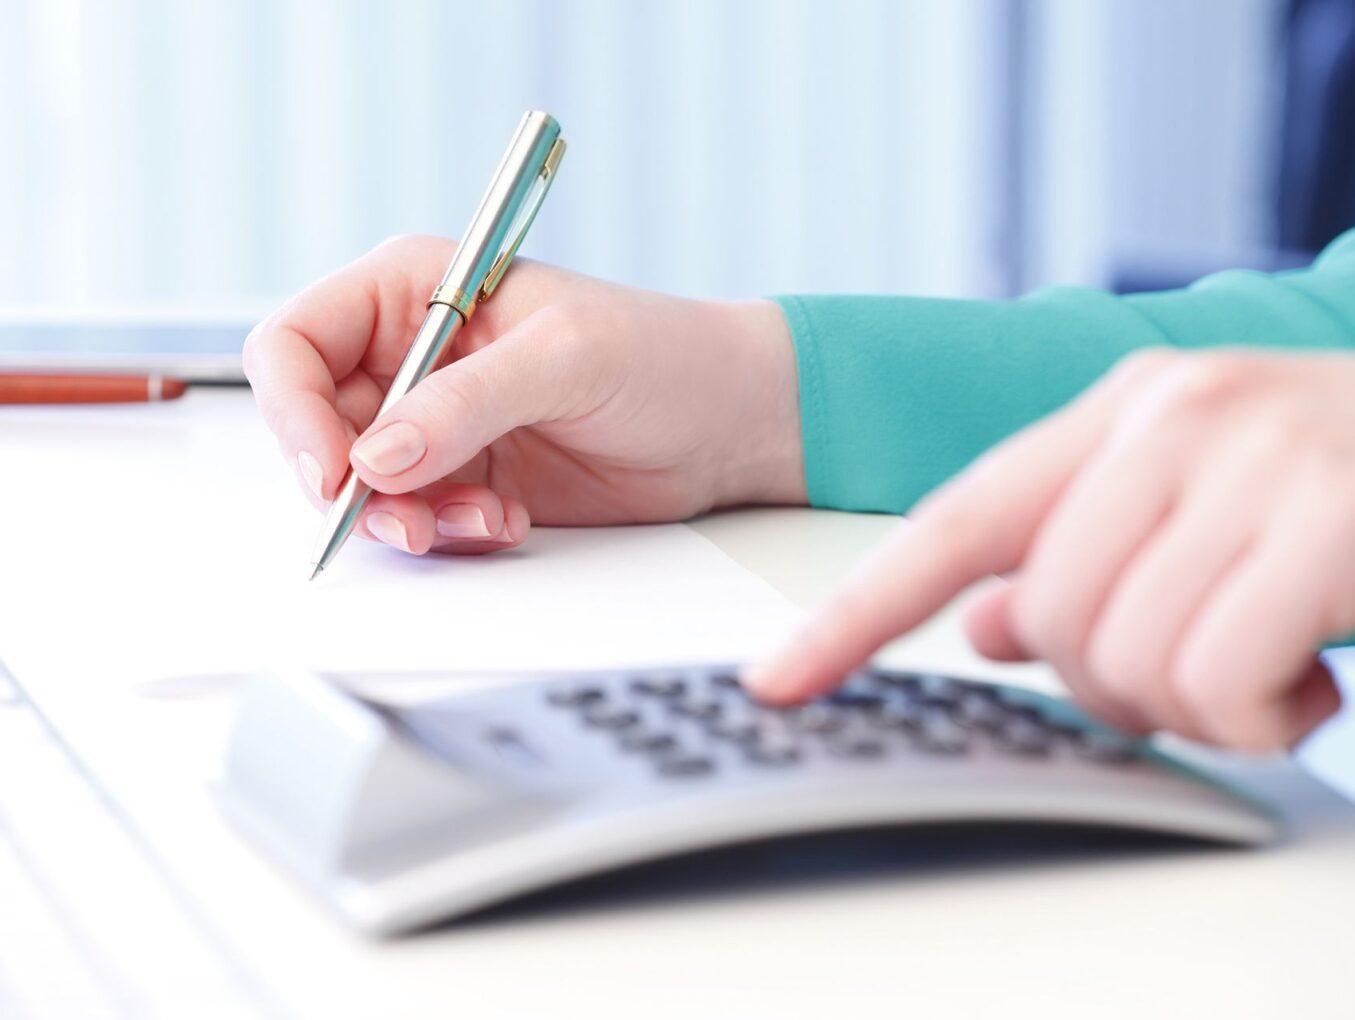 С 1 октября меняются реквизиты распоряжений о переводе средств при перечислении налоговых платежей